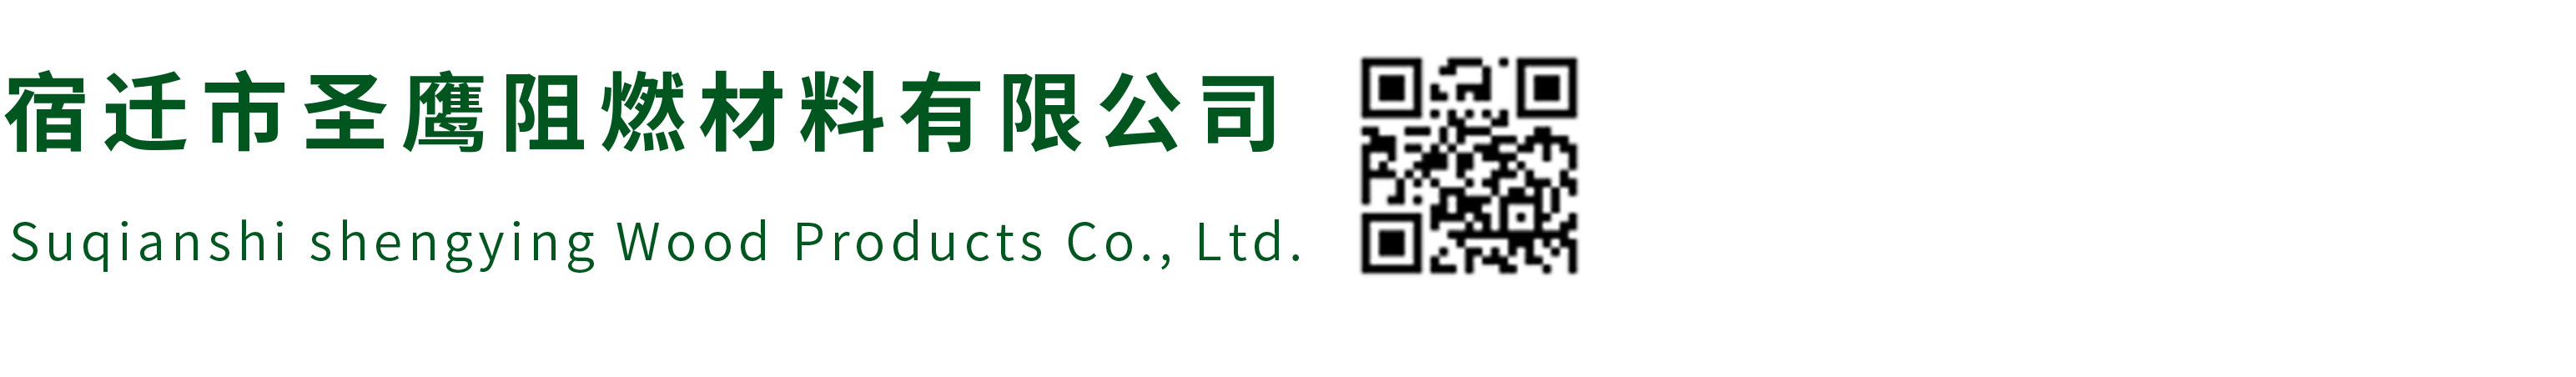 宿迁市圣鹰优德88官方网APP材料有限公司